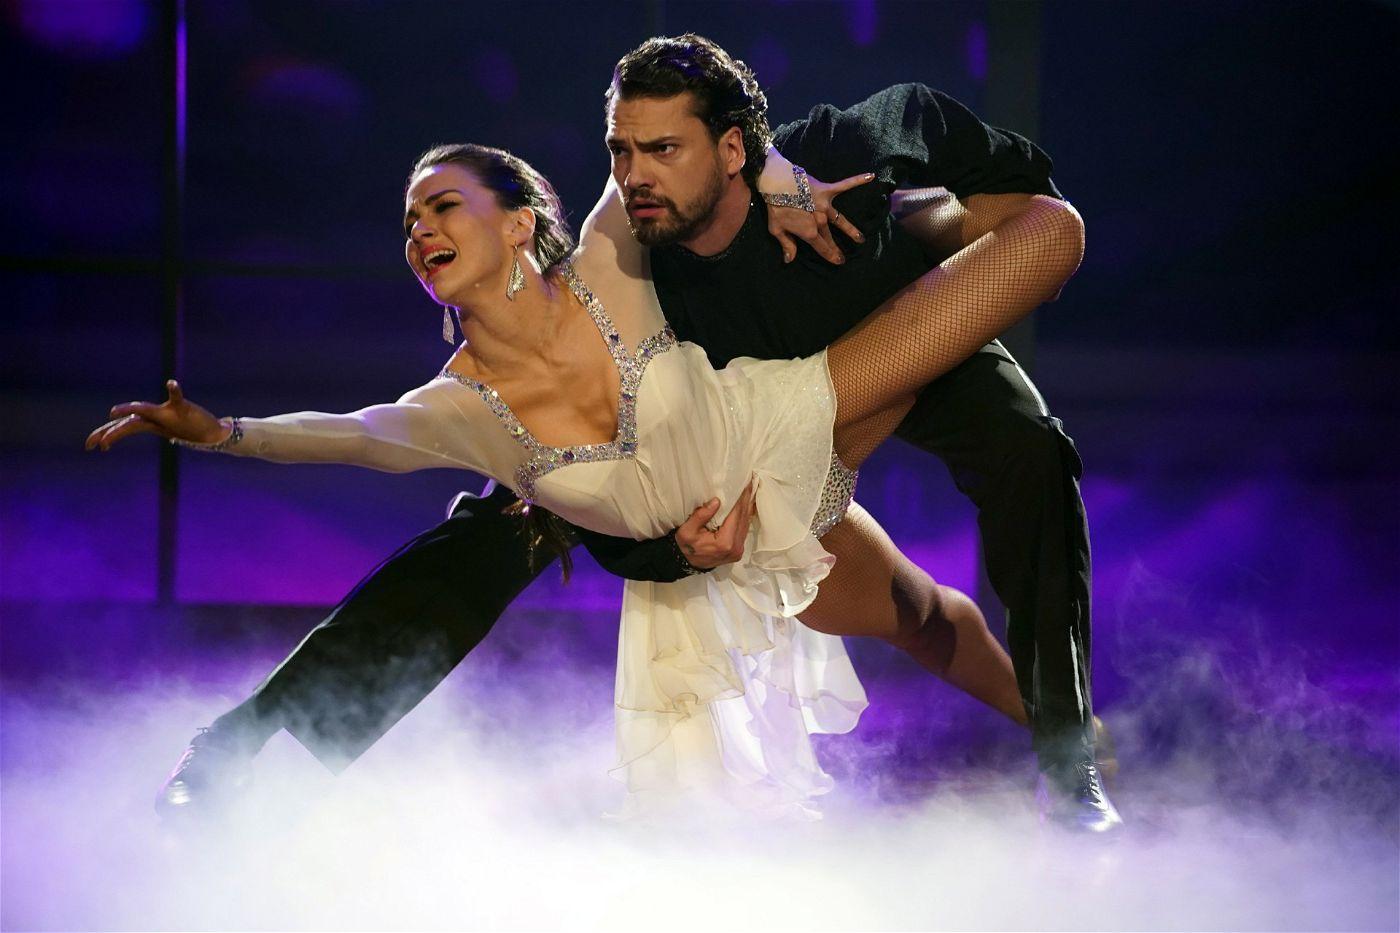 """Leidenschaft und Emotionen sind ebenfalls fester Bestandteil von """"Let's Dance""""."""